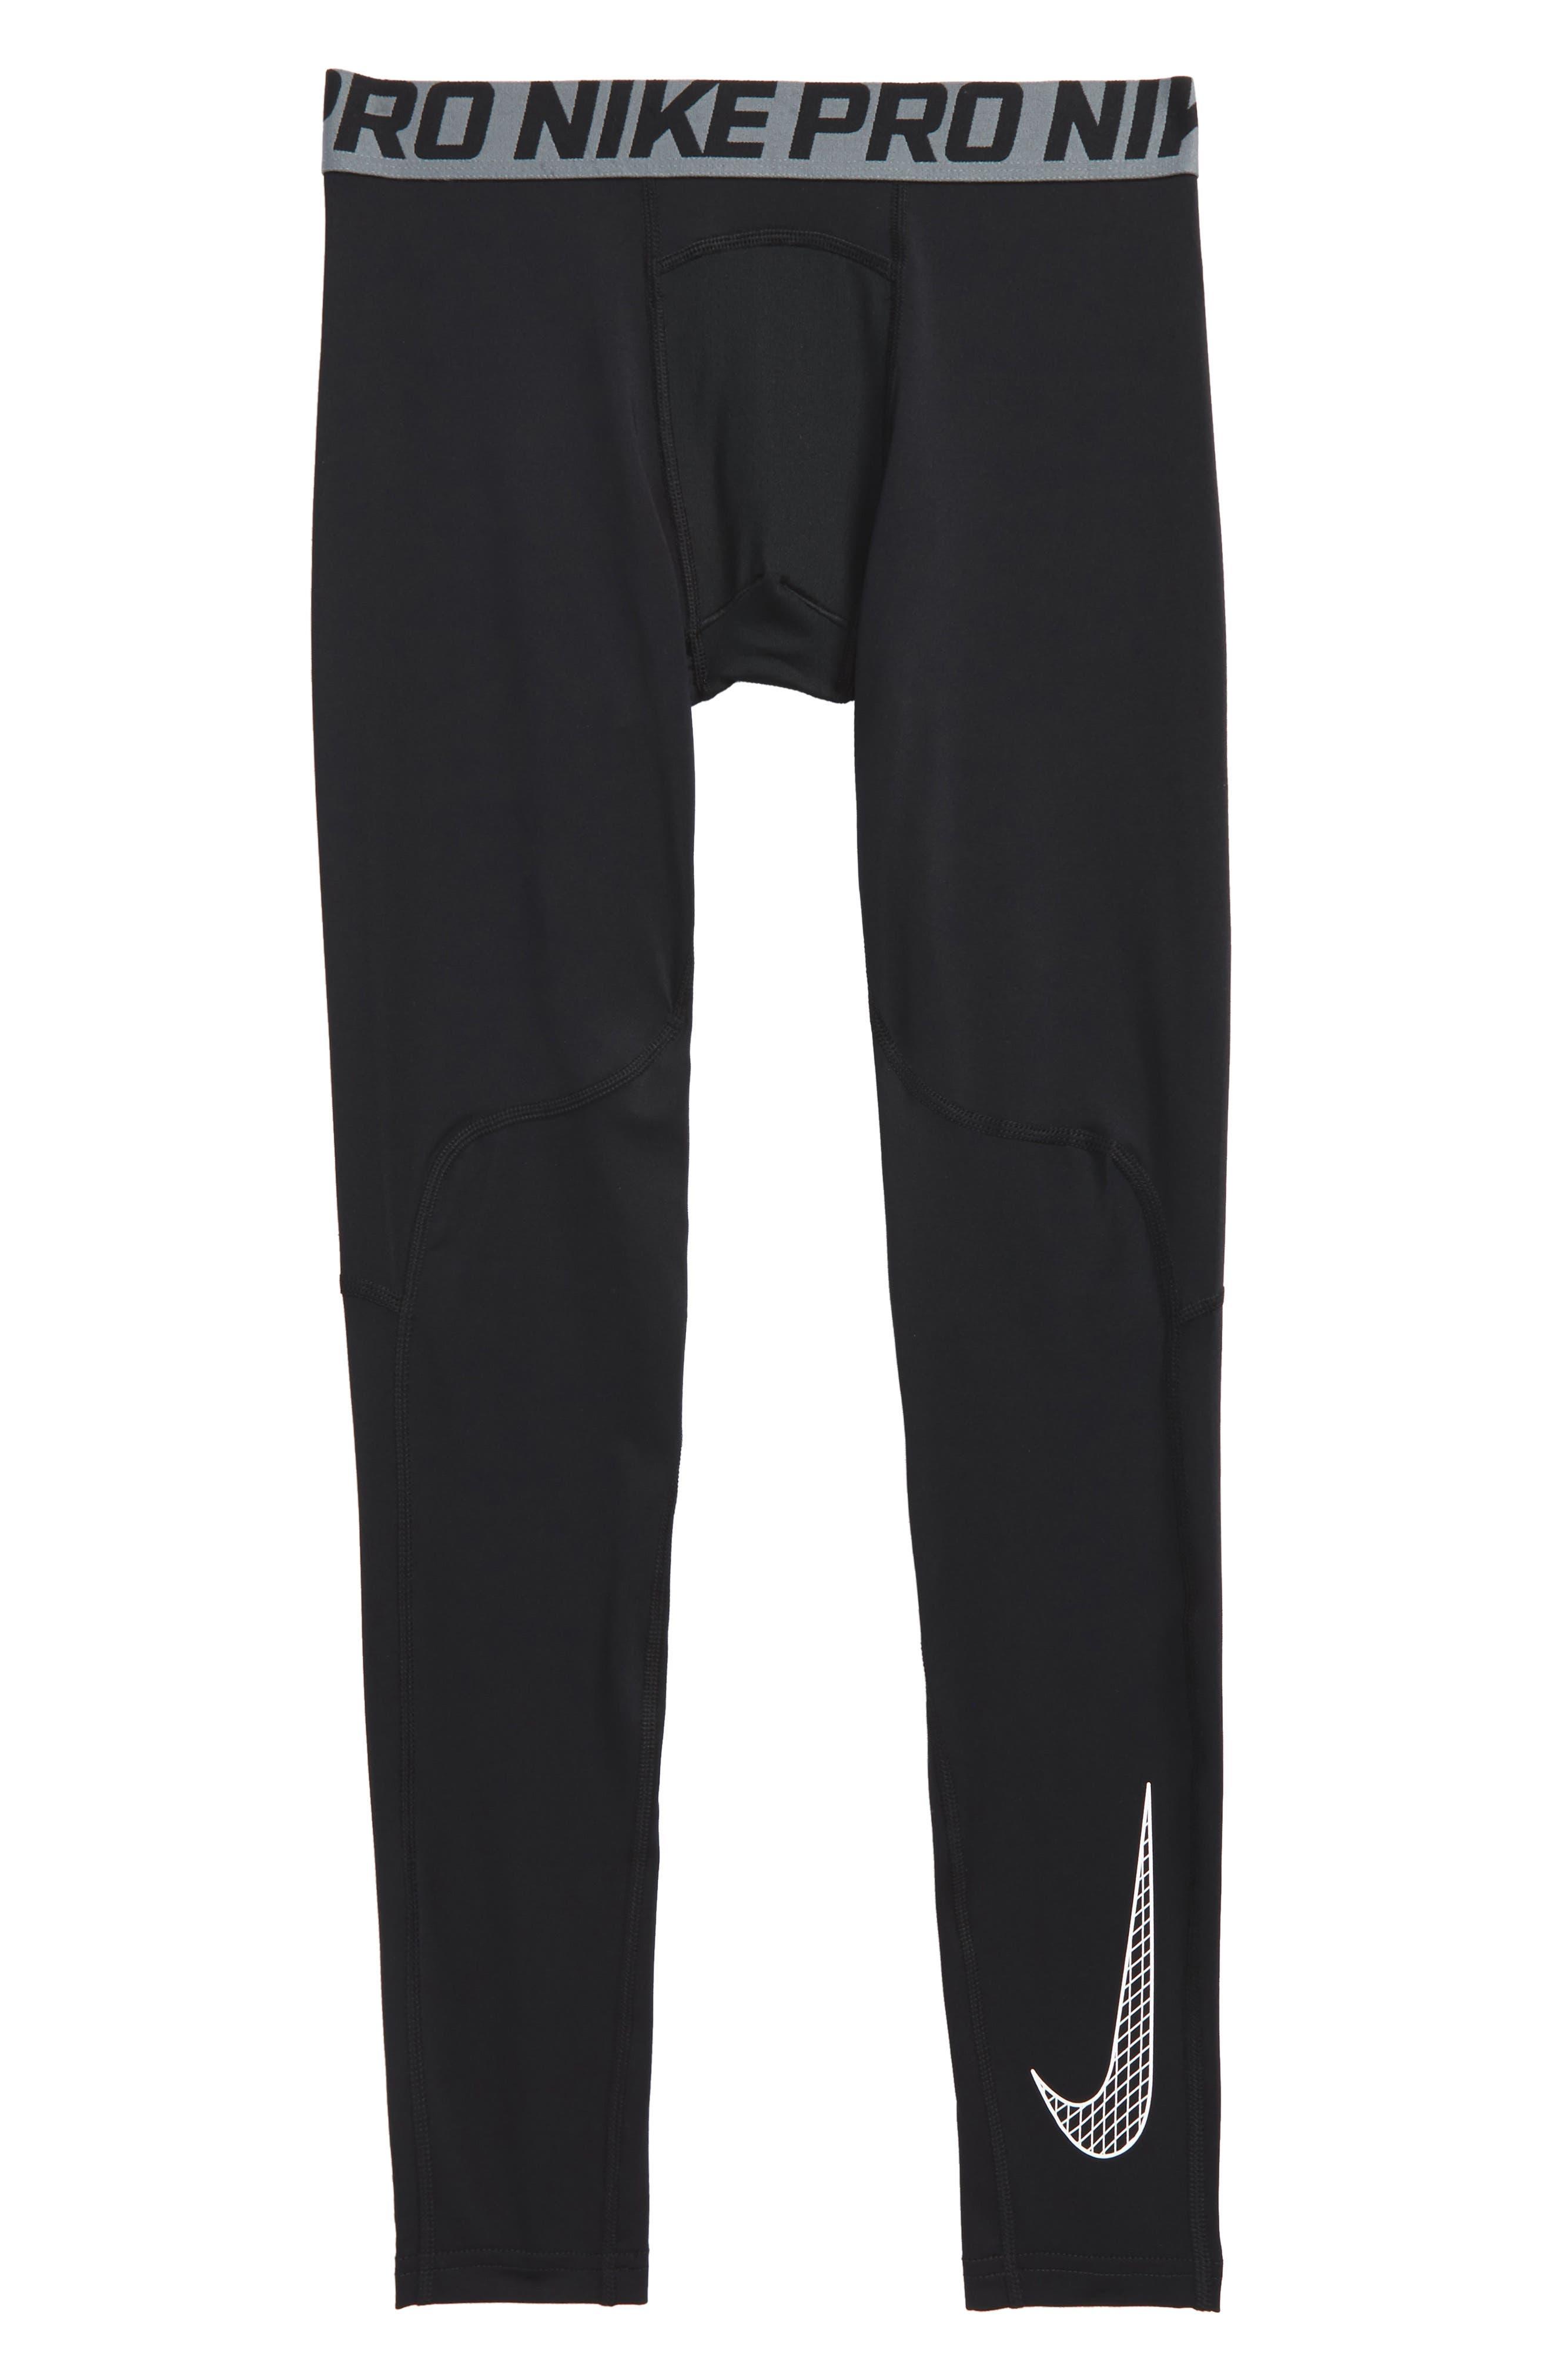 Pro Cool Sport Leggings,                             Main thumbnail 1, color,                             BLACK/ WHITE